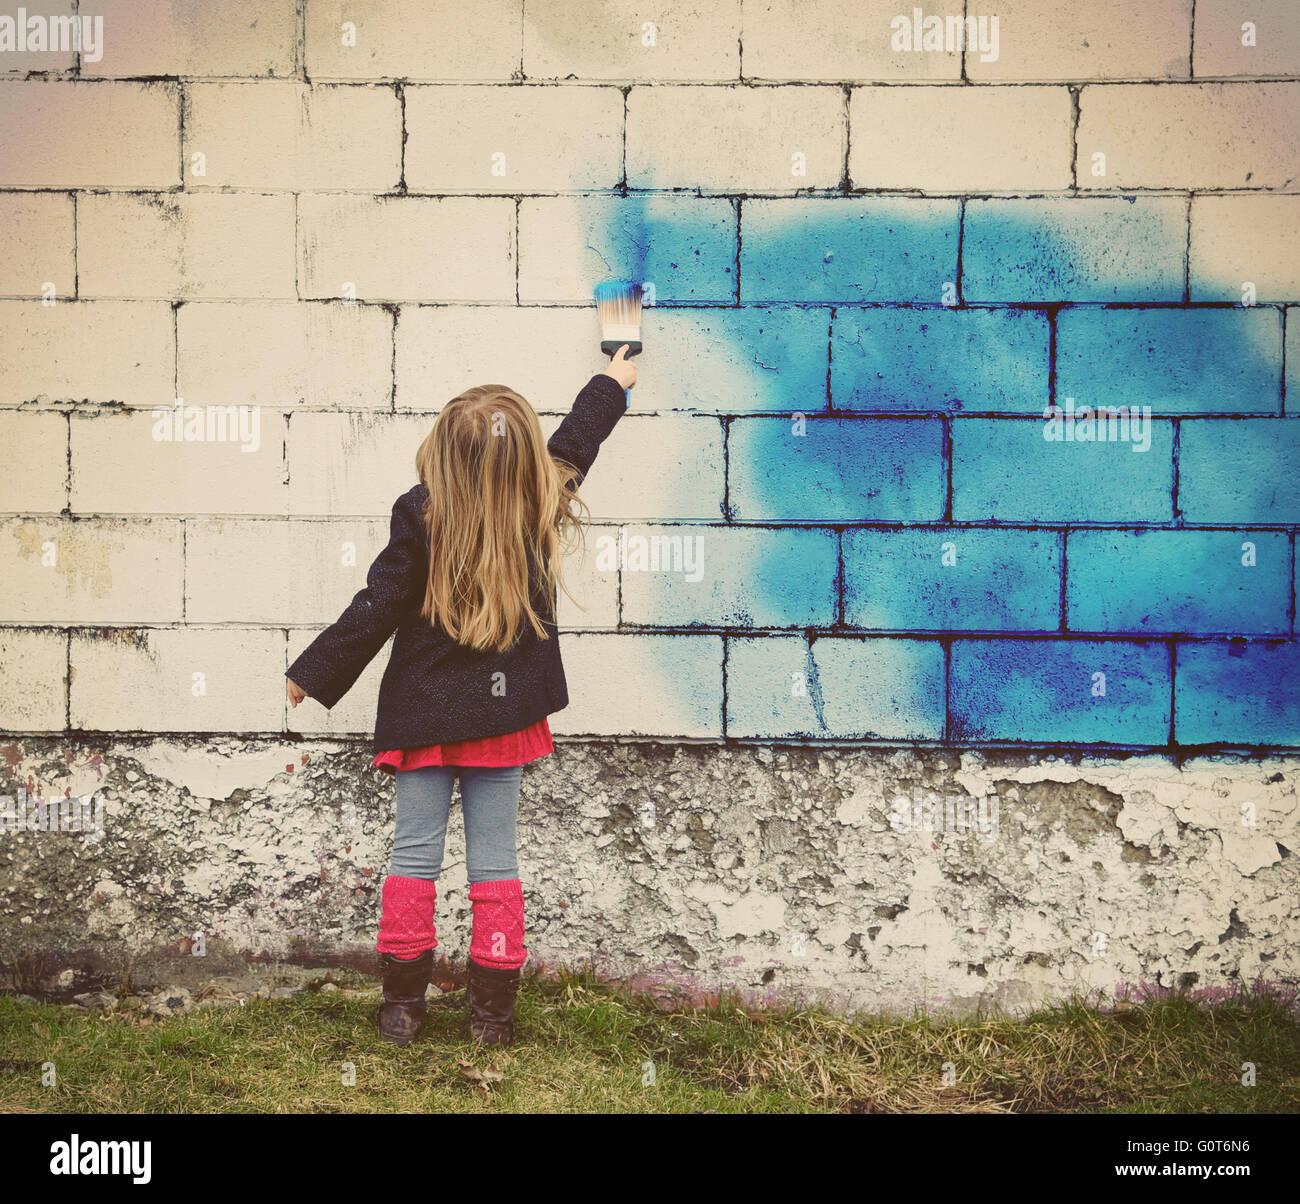 Ein kleines Kind malt eine alte weiße Mauer mit blauer Farbe für kreative Kunst-Konzept oder Design-Idee. Stockbild